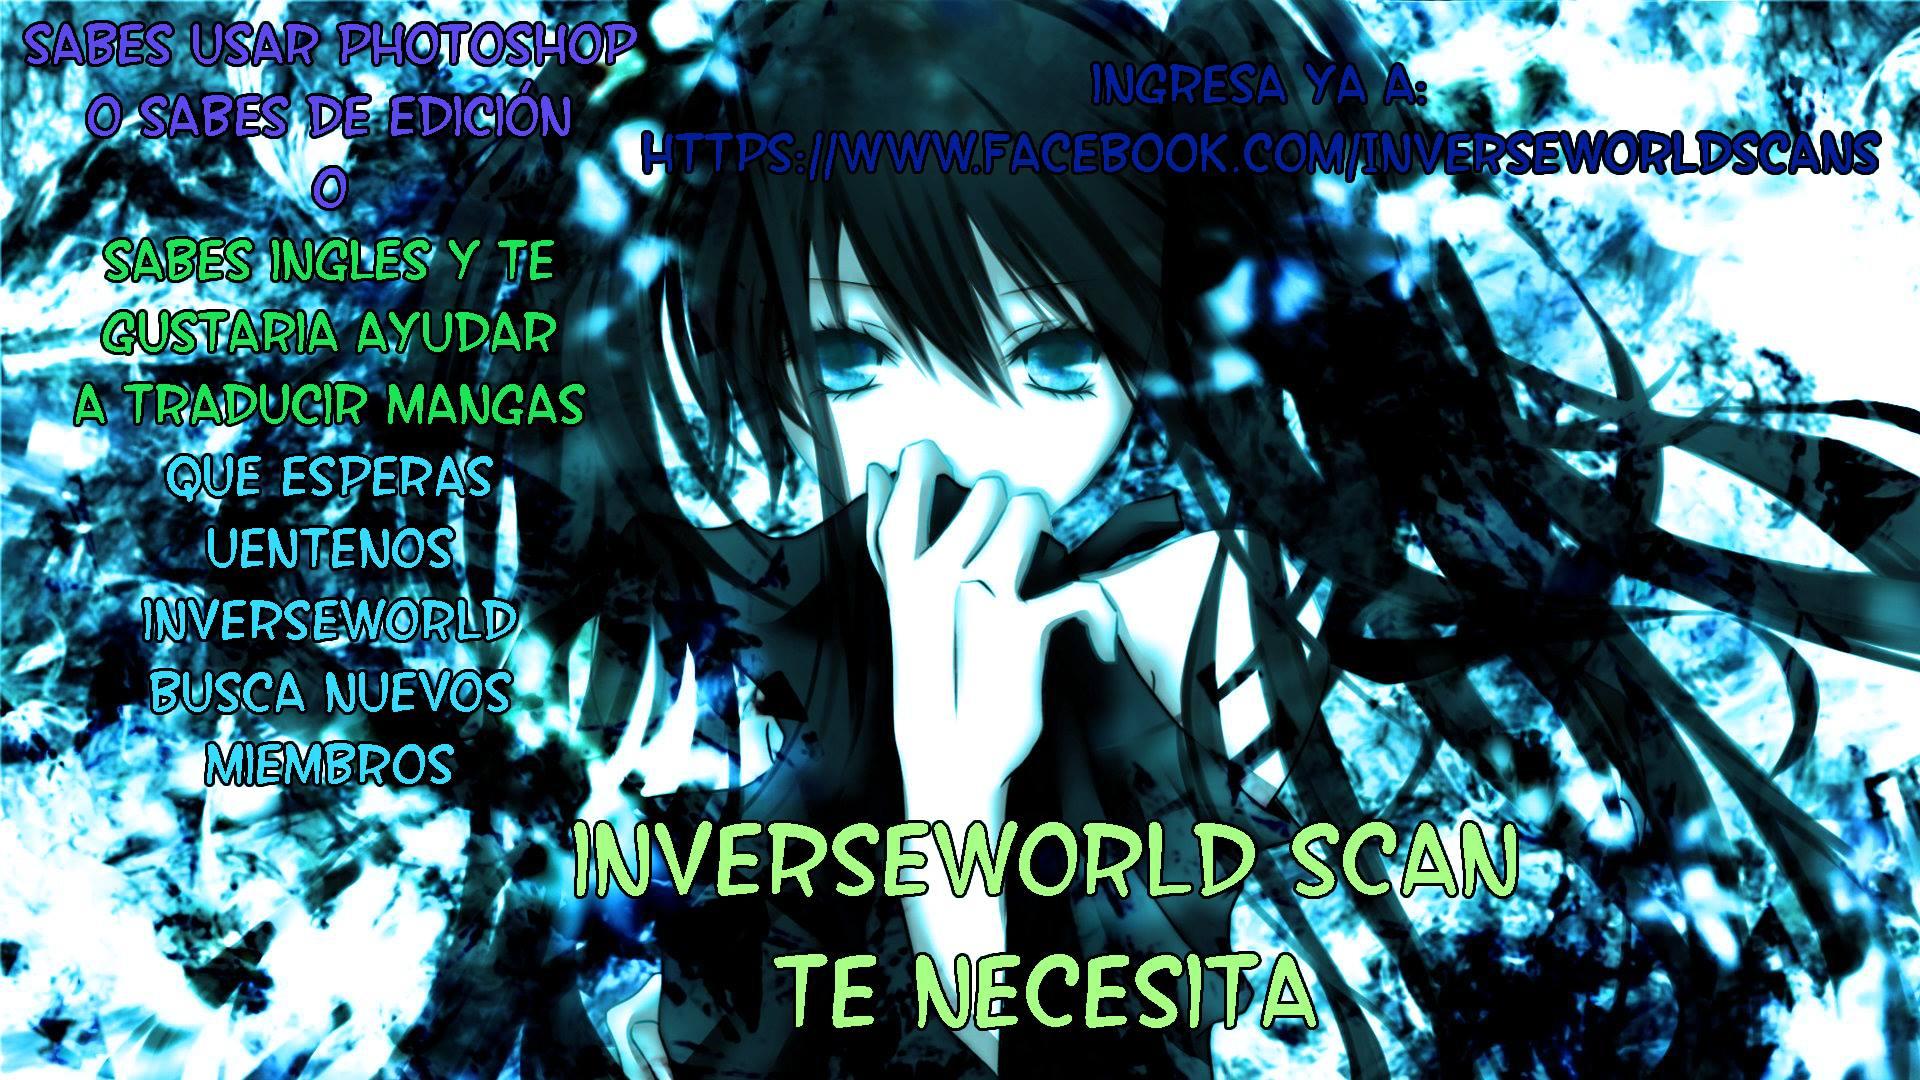 http://c5.ninemanga.com/es_manga/18/16210/415331/519626a6bcb58aec01cd1cc6cdb0dbbe.jpg Page 1